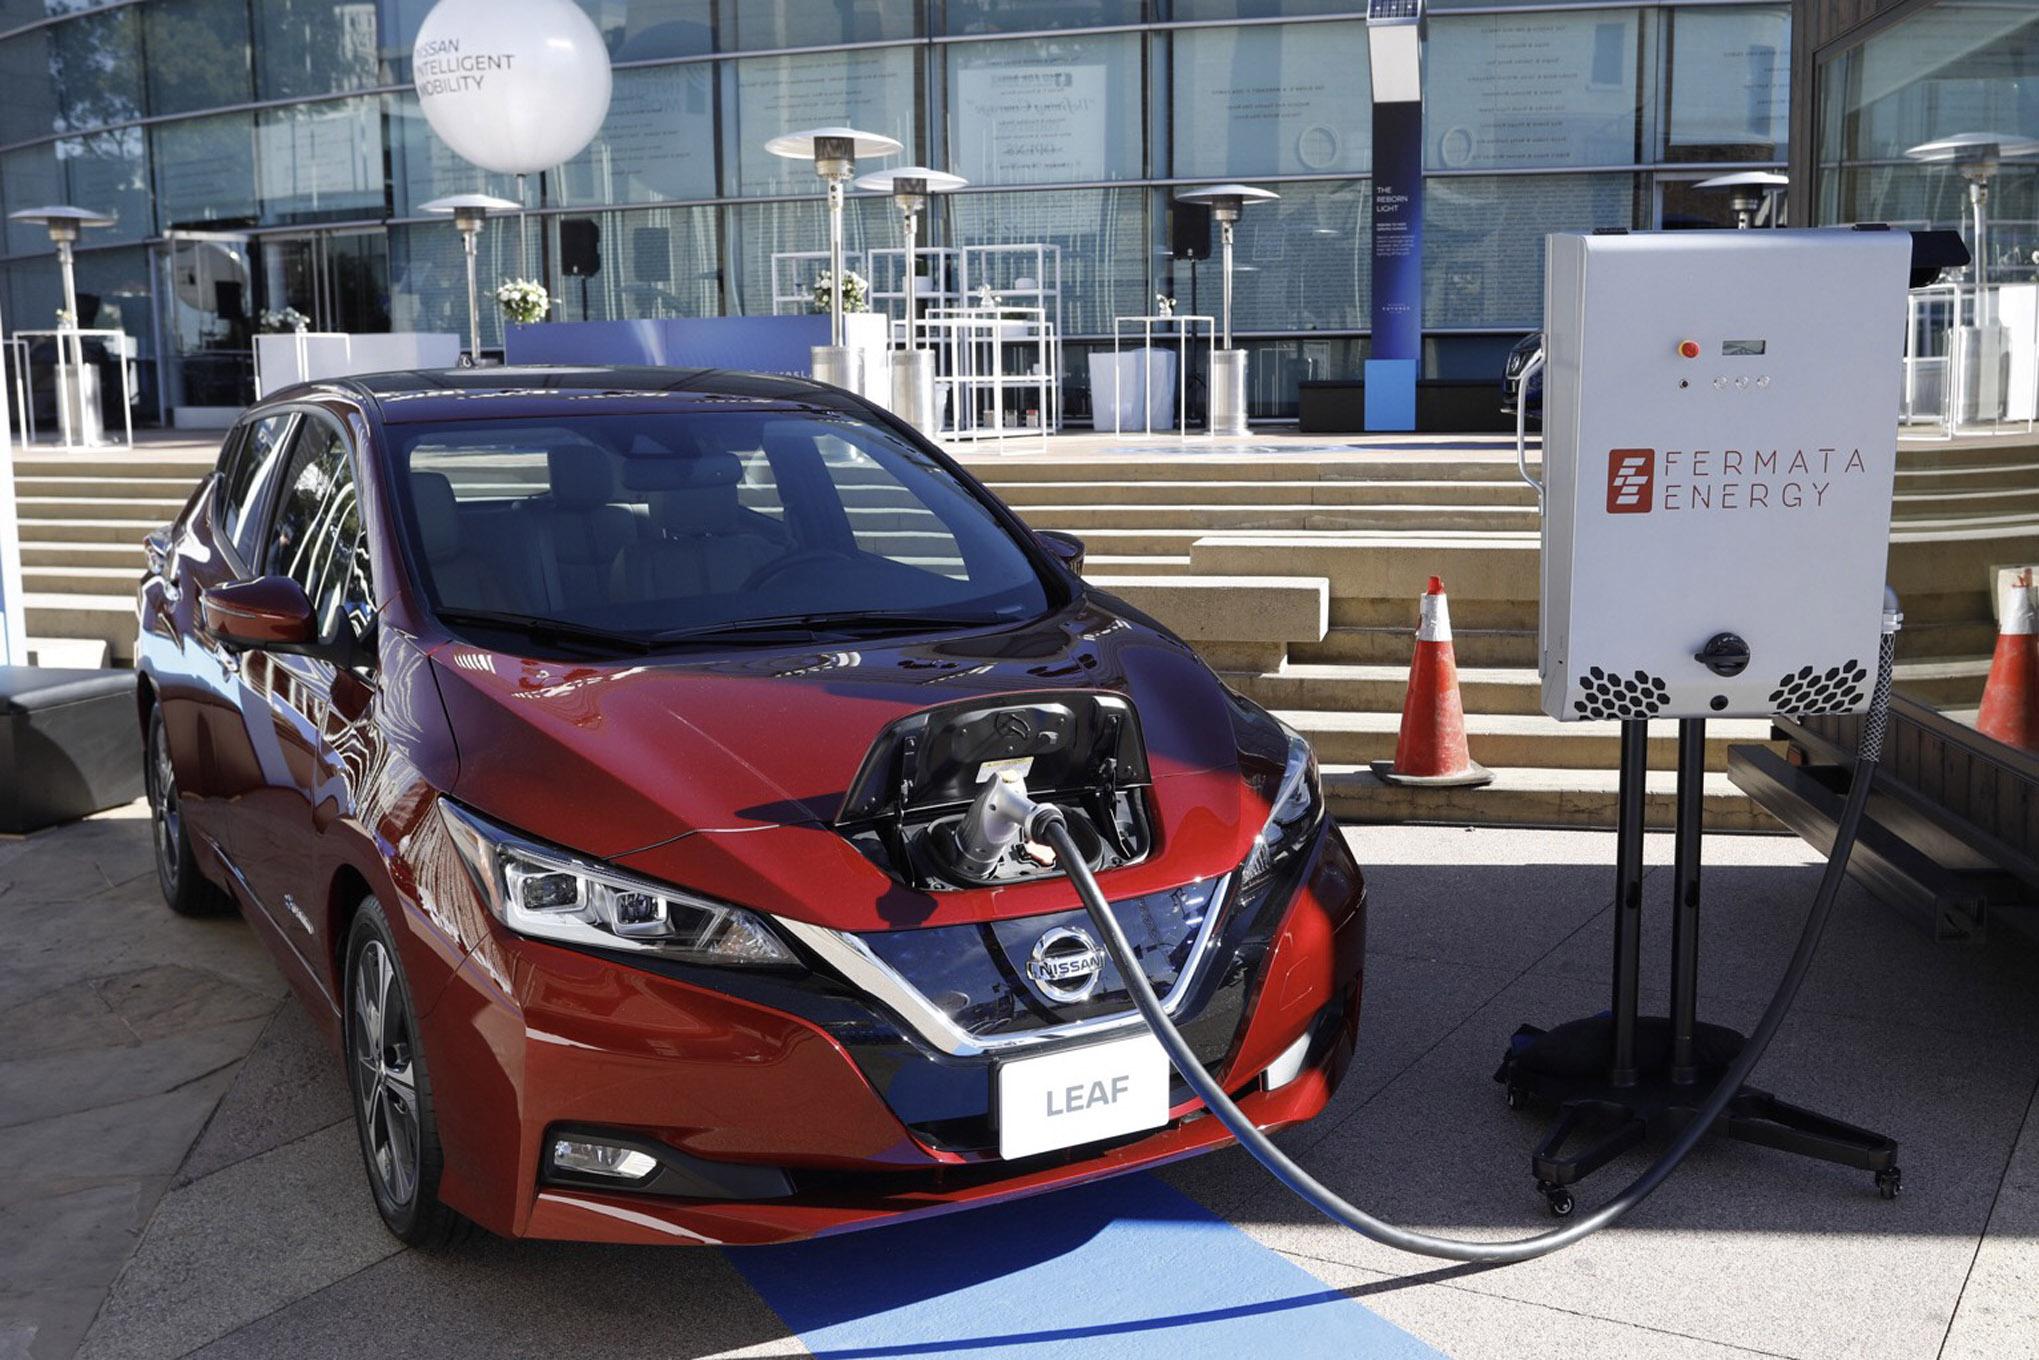 006 auto news four wheeler nissan leaf battery power